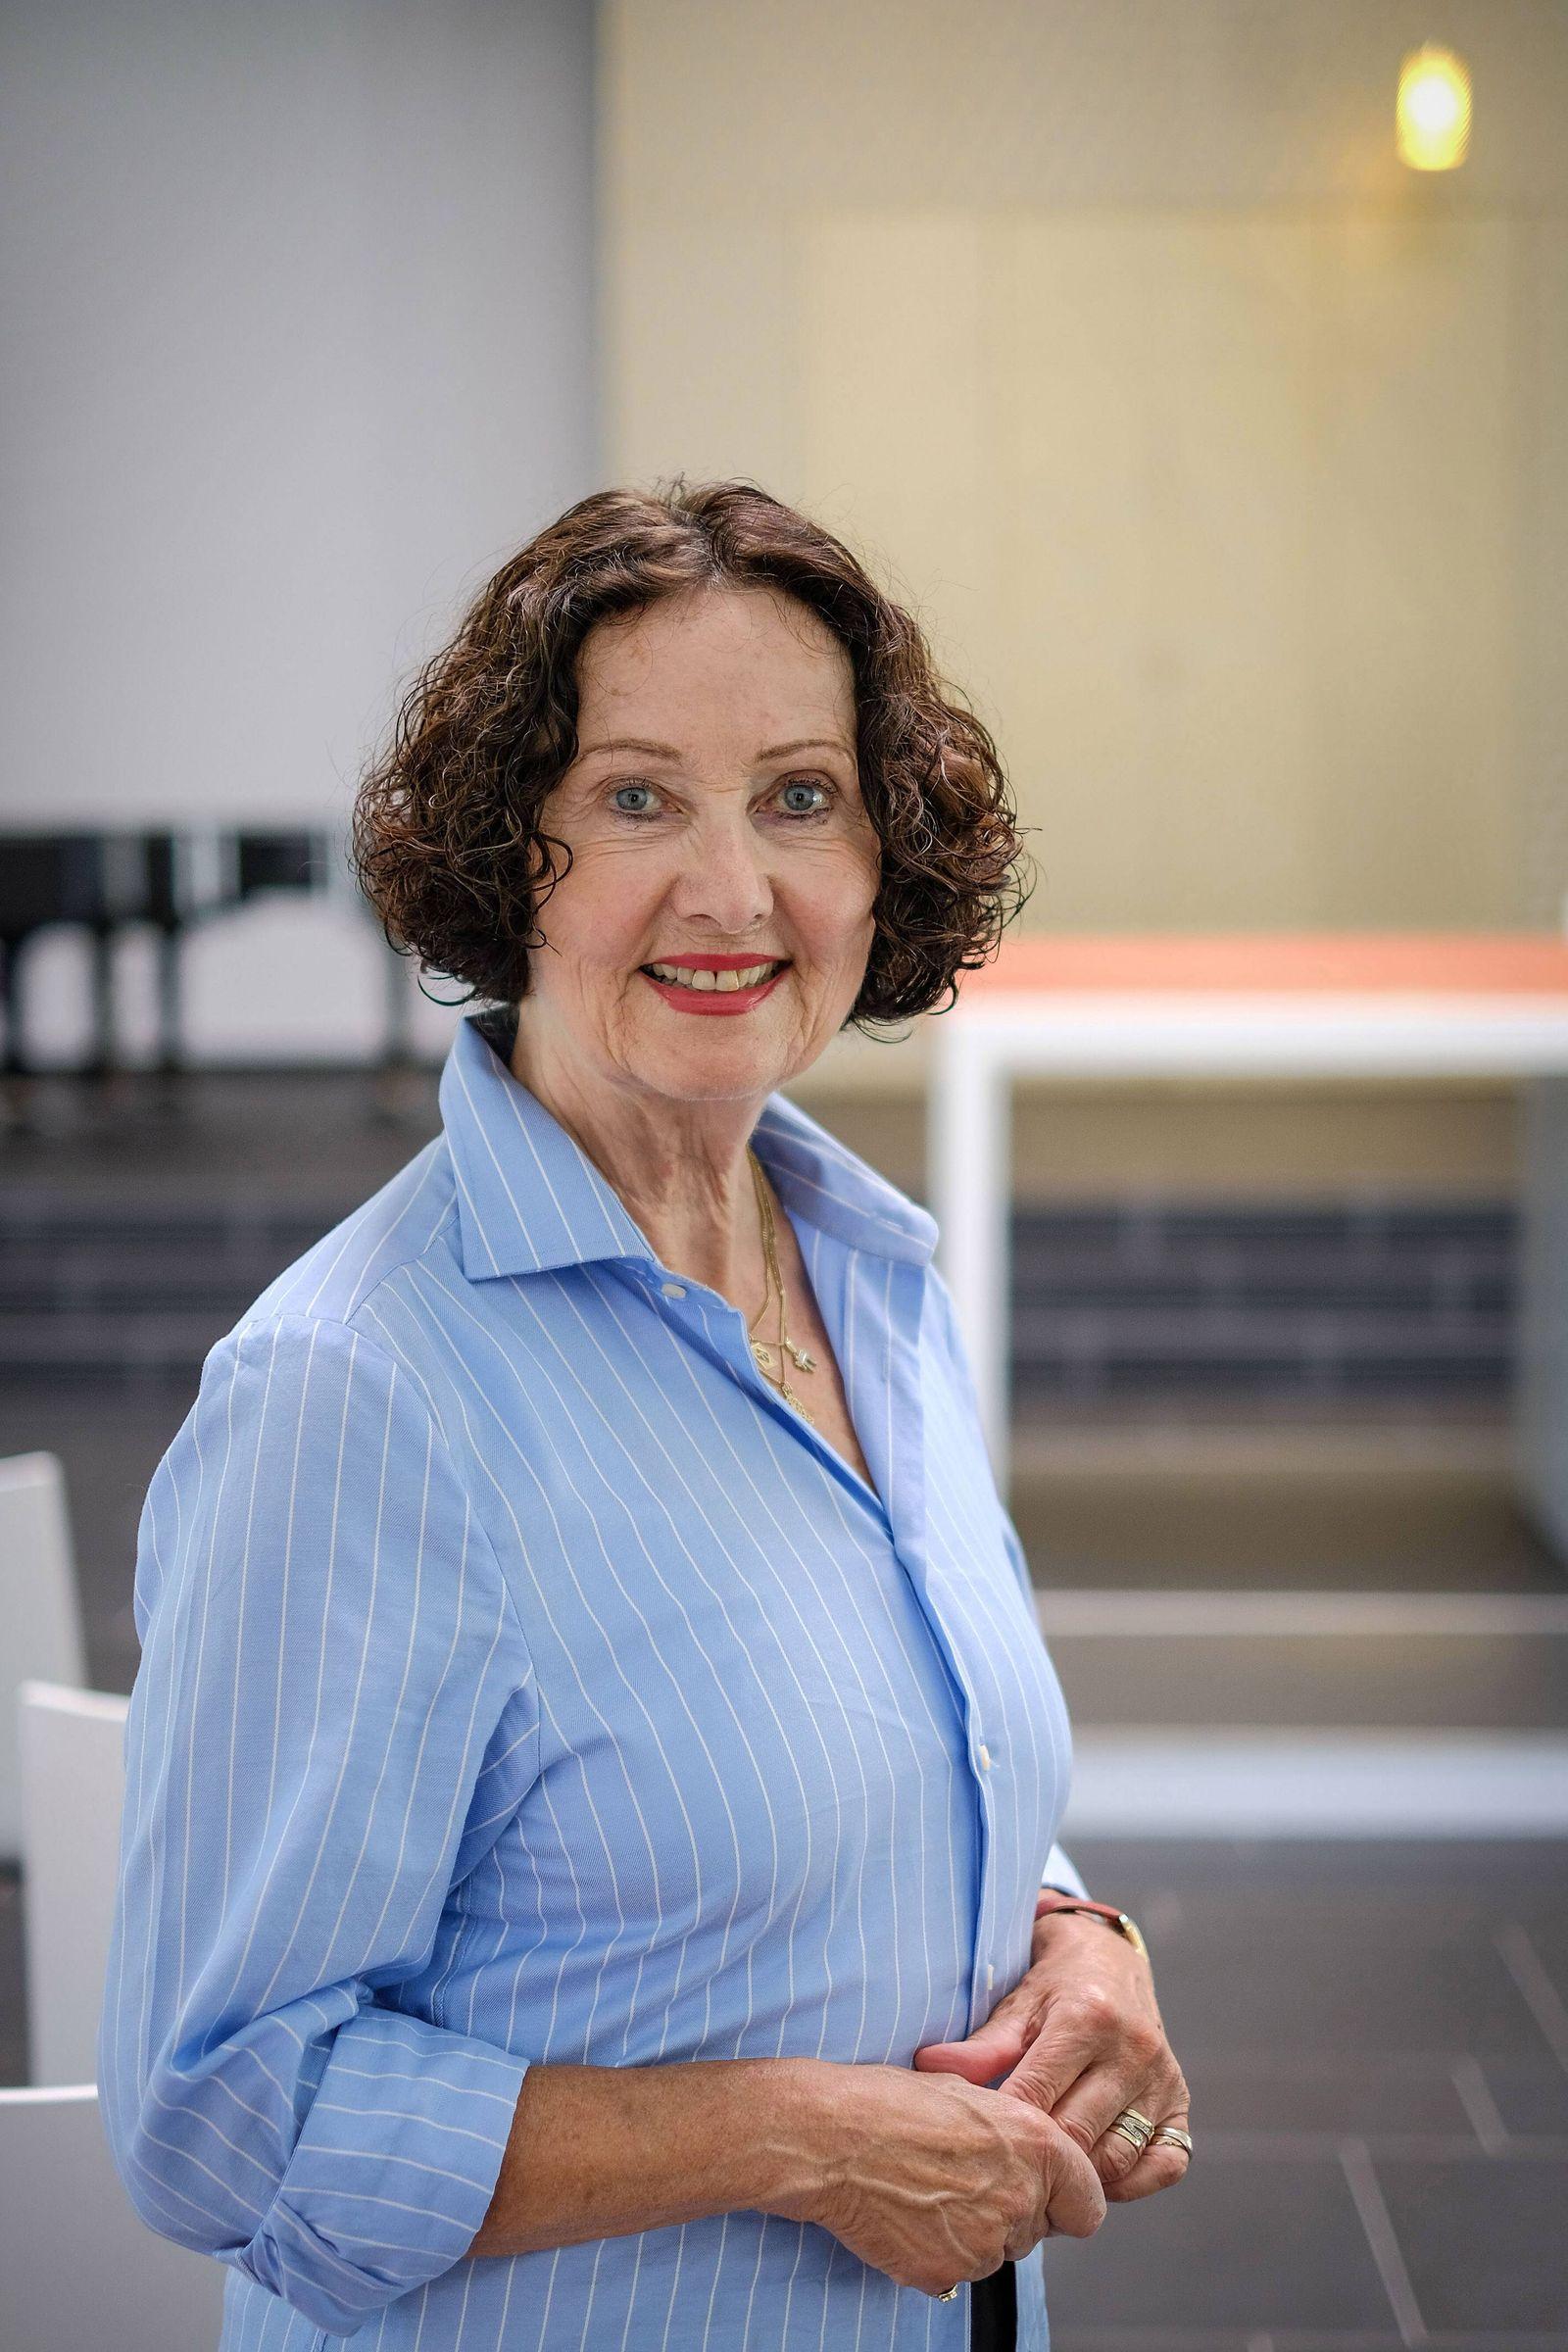 Ingrid Wettberg Vorsitzende der Liberalen Juedischen Gemeinde Hannover am 29 06 2018 in der Synago